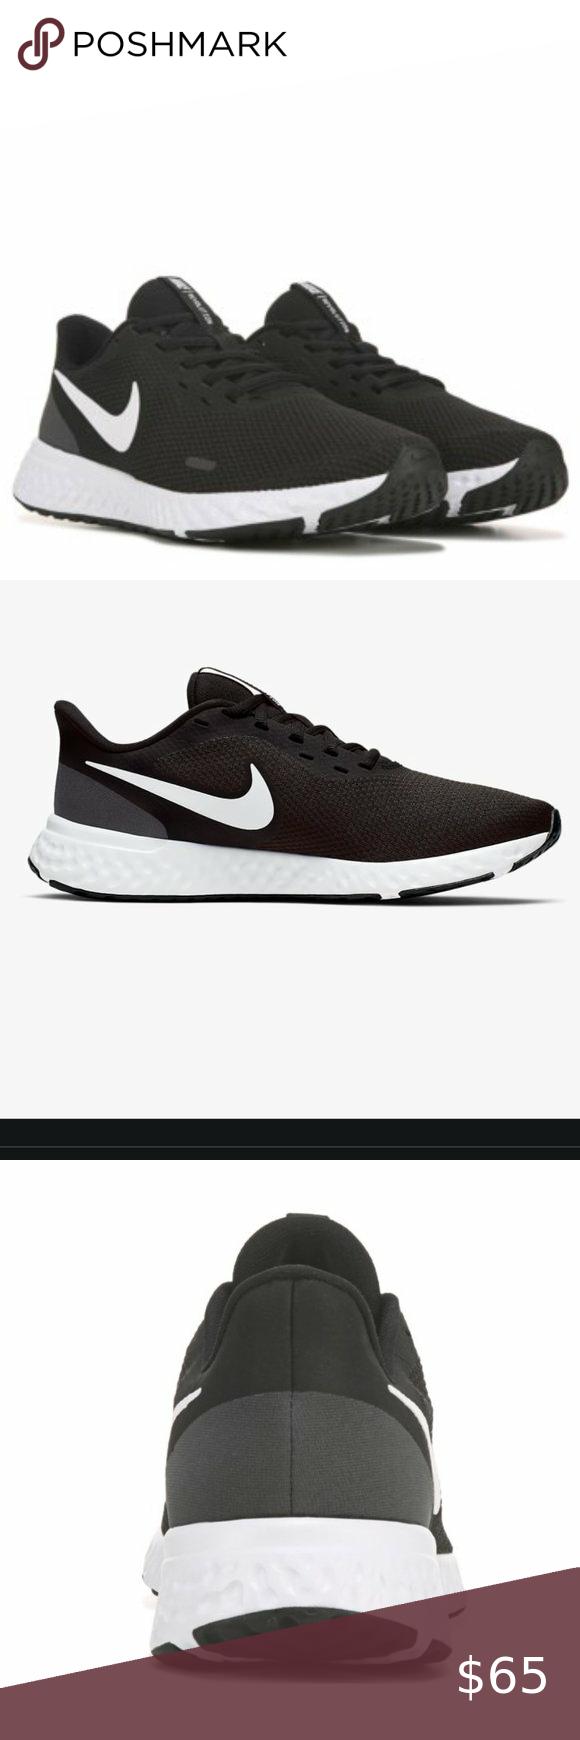 Nike women, Womens shoes sneakers